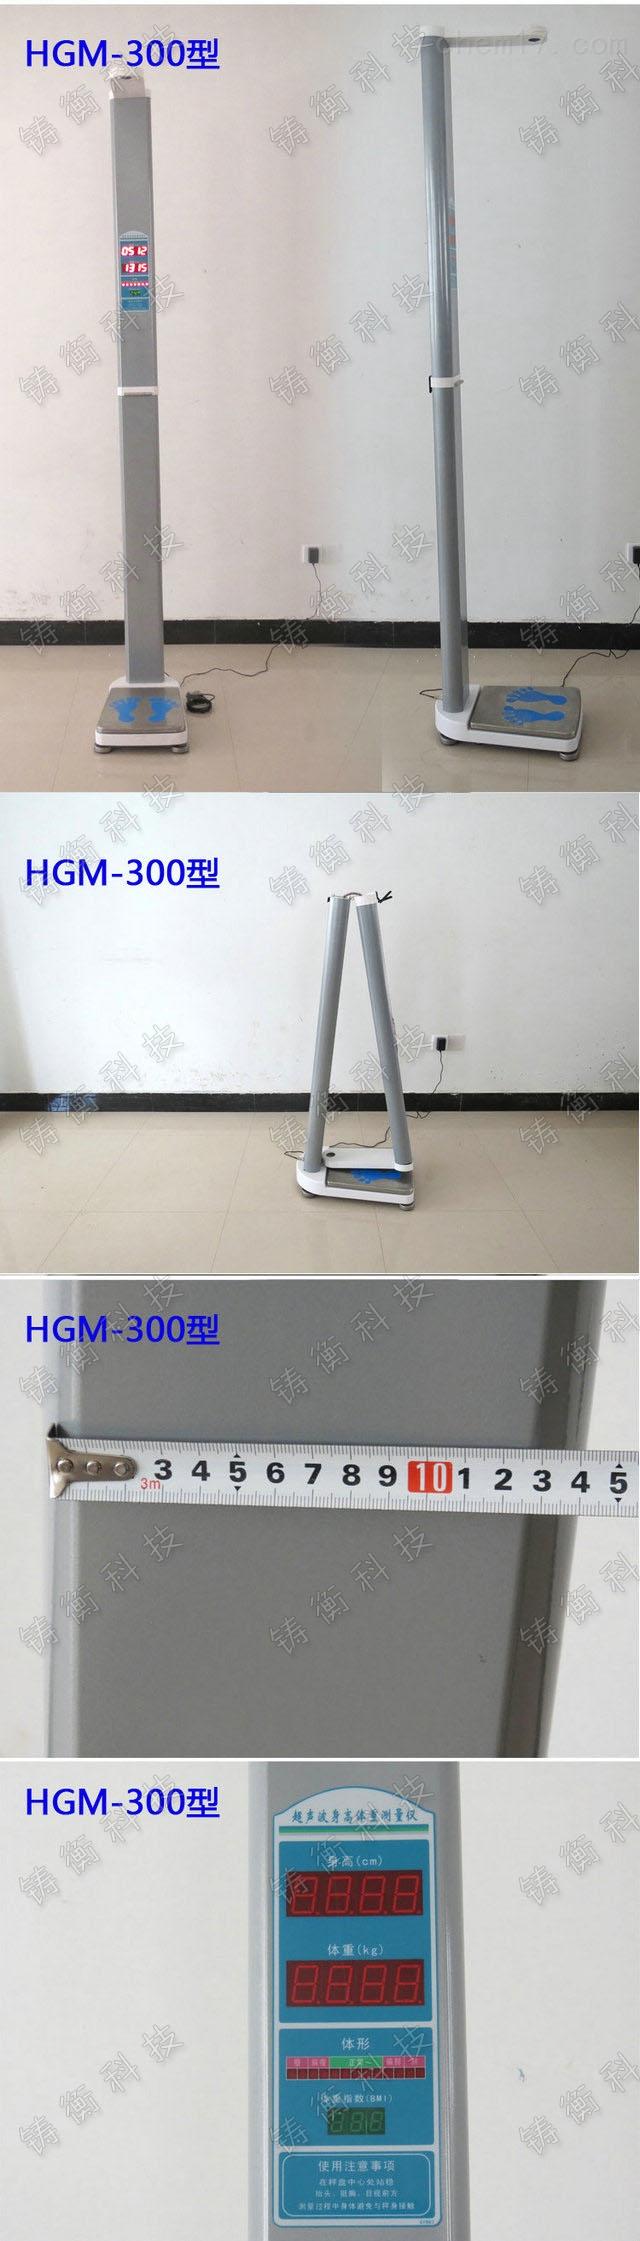 测量身高体重电子秤语音播放可打印